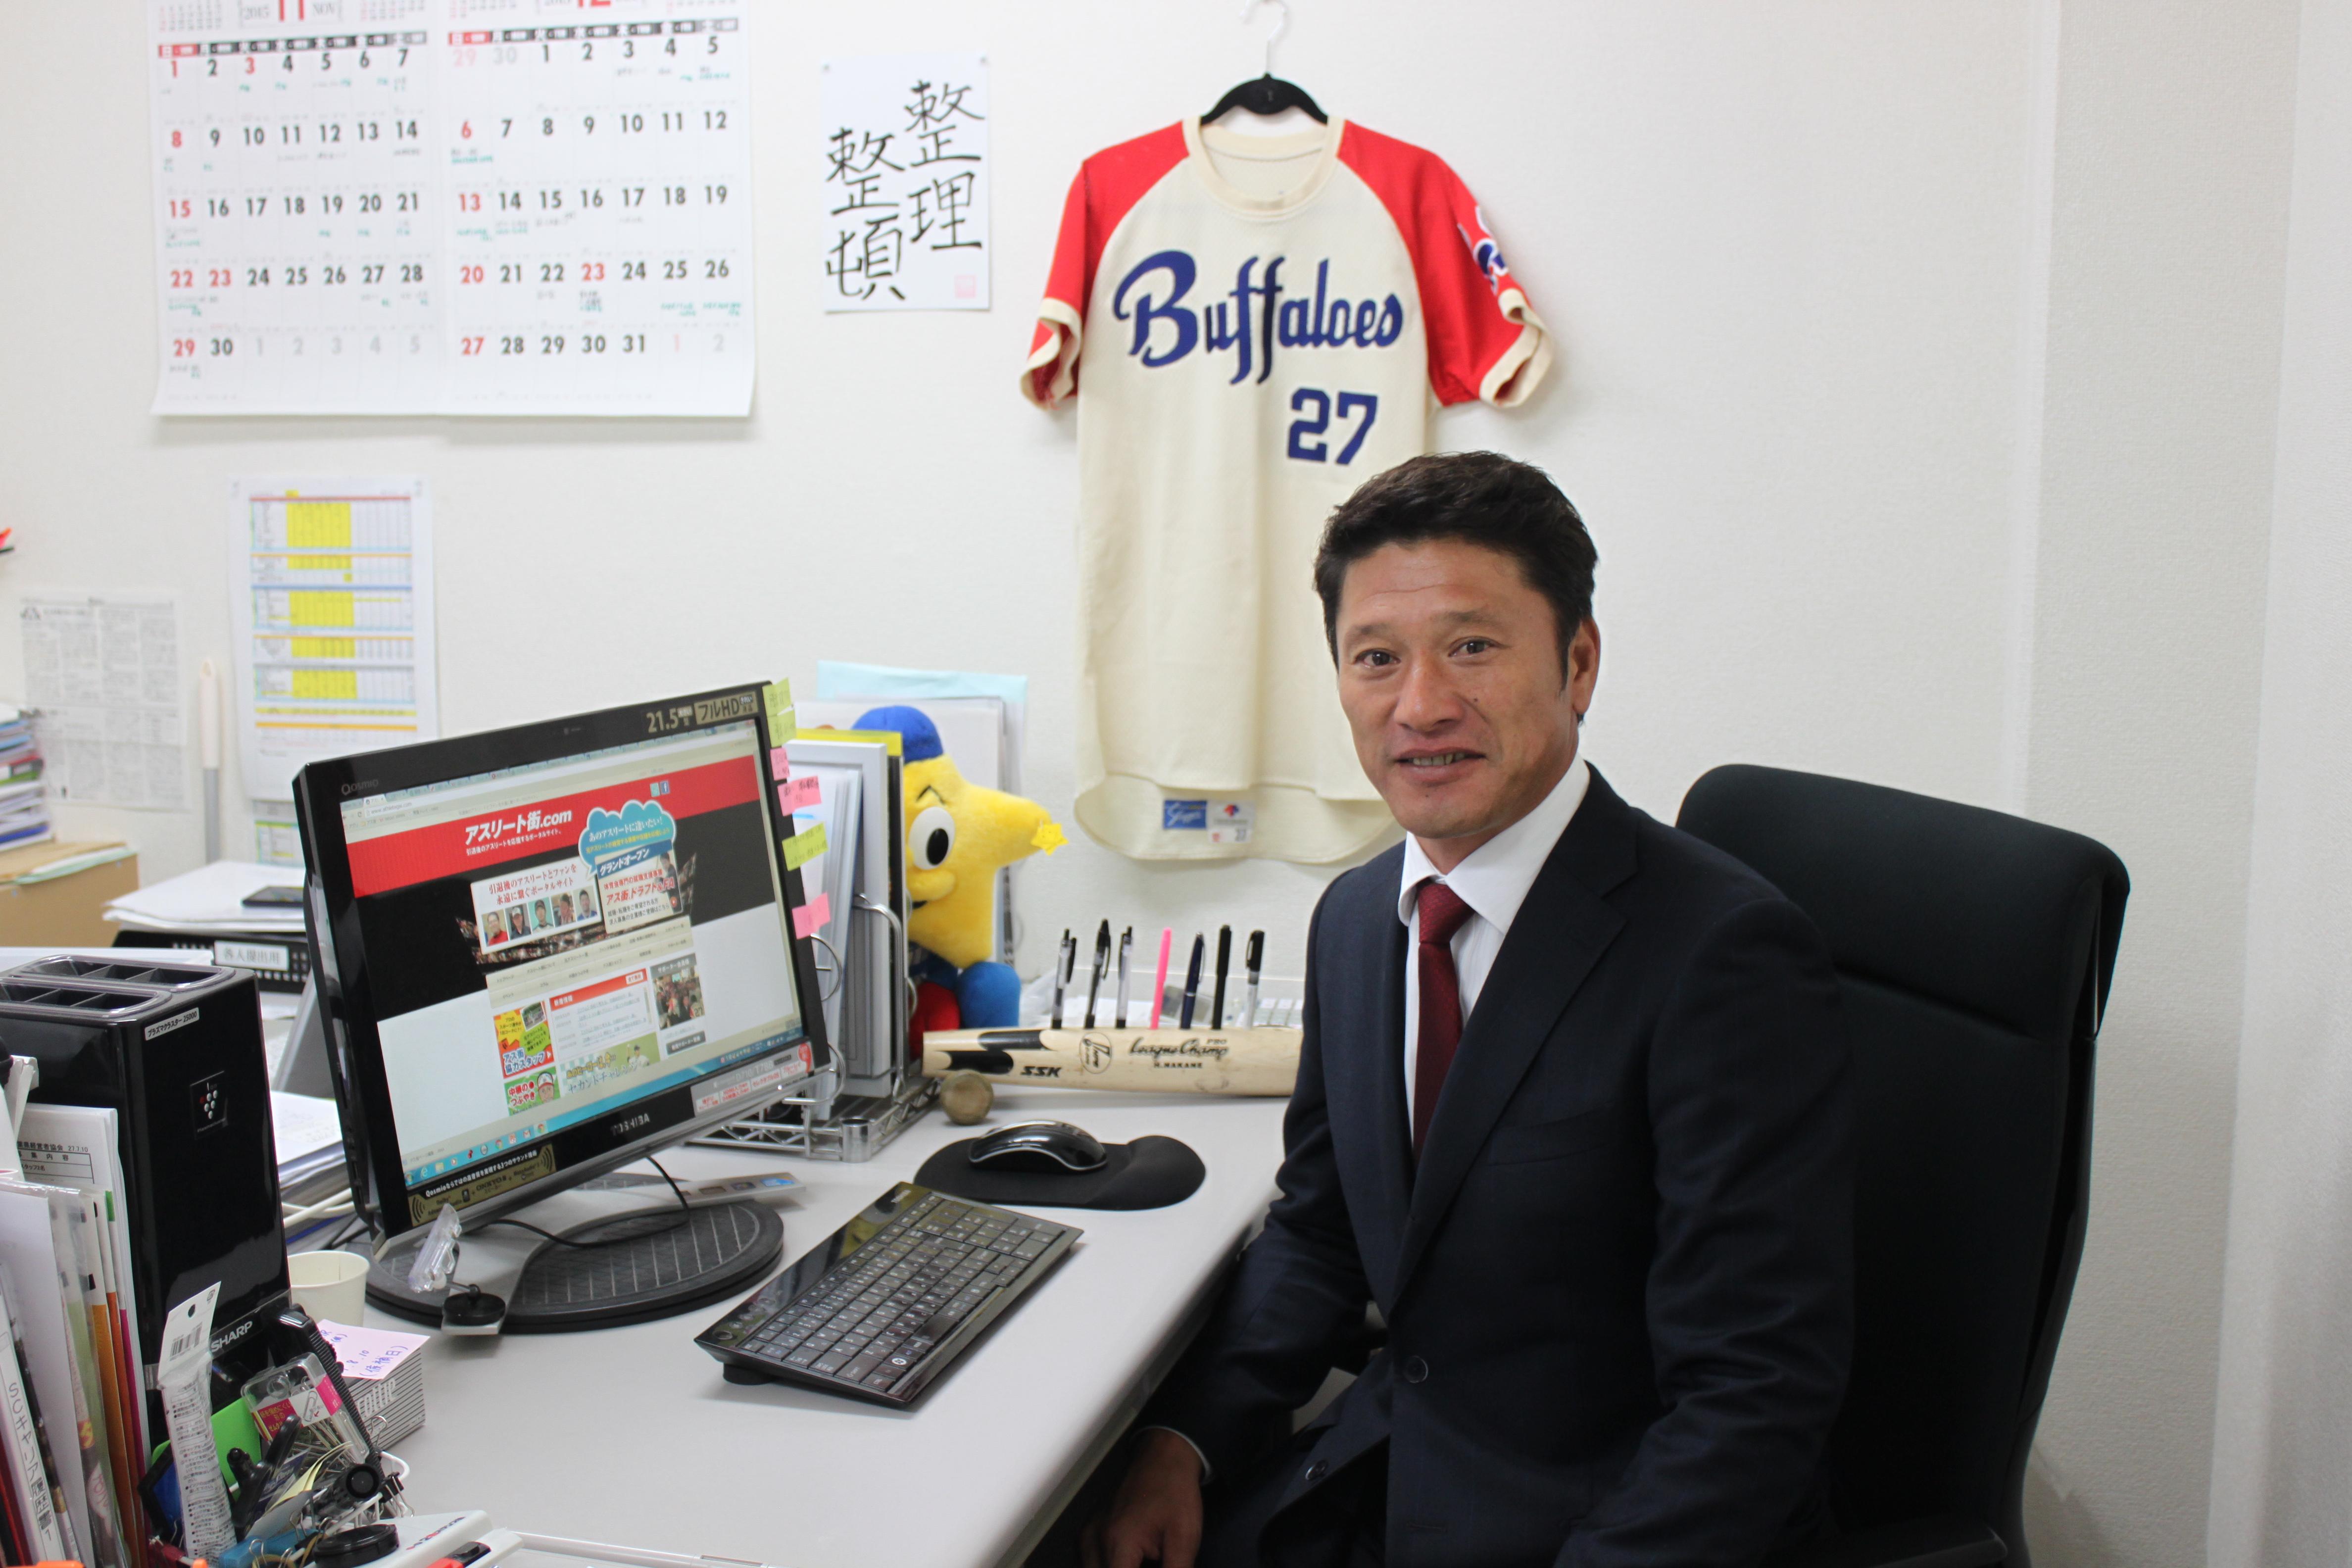 MOT/PBXを導入頂いた株式会社ジェイアイエヌ27の代表取締役 中根 仁 様